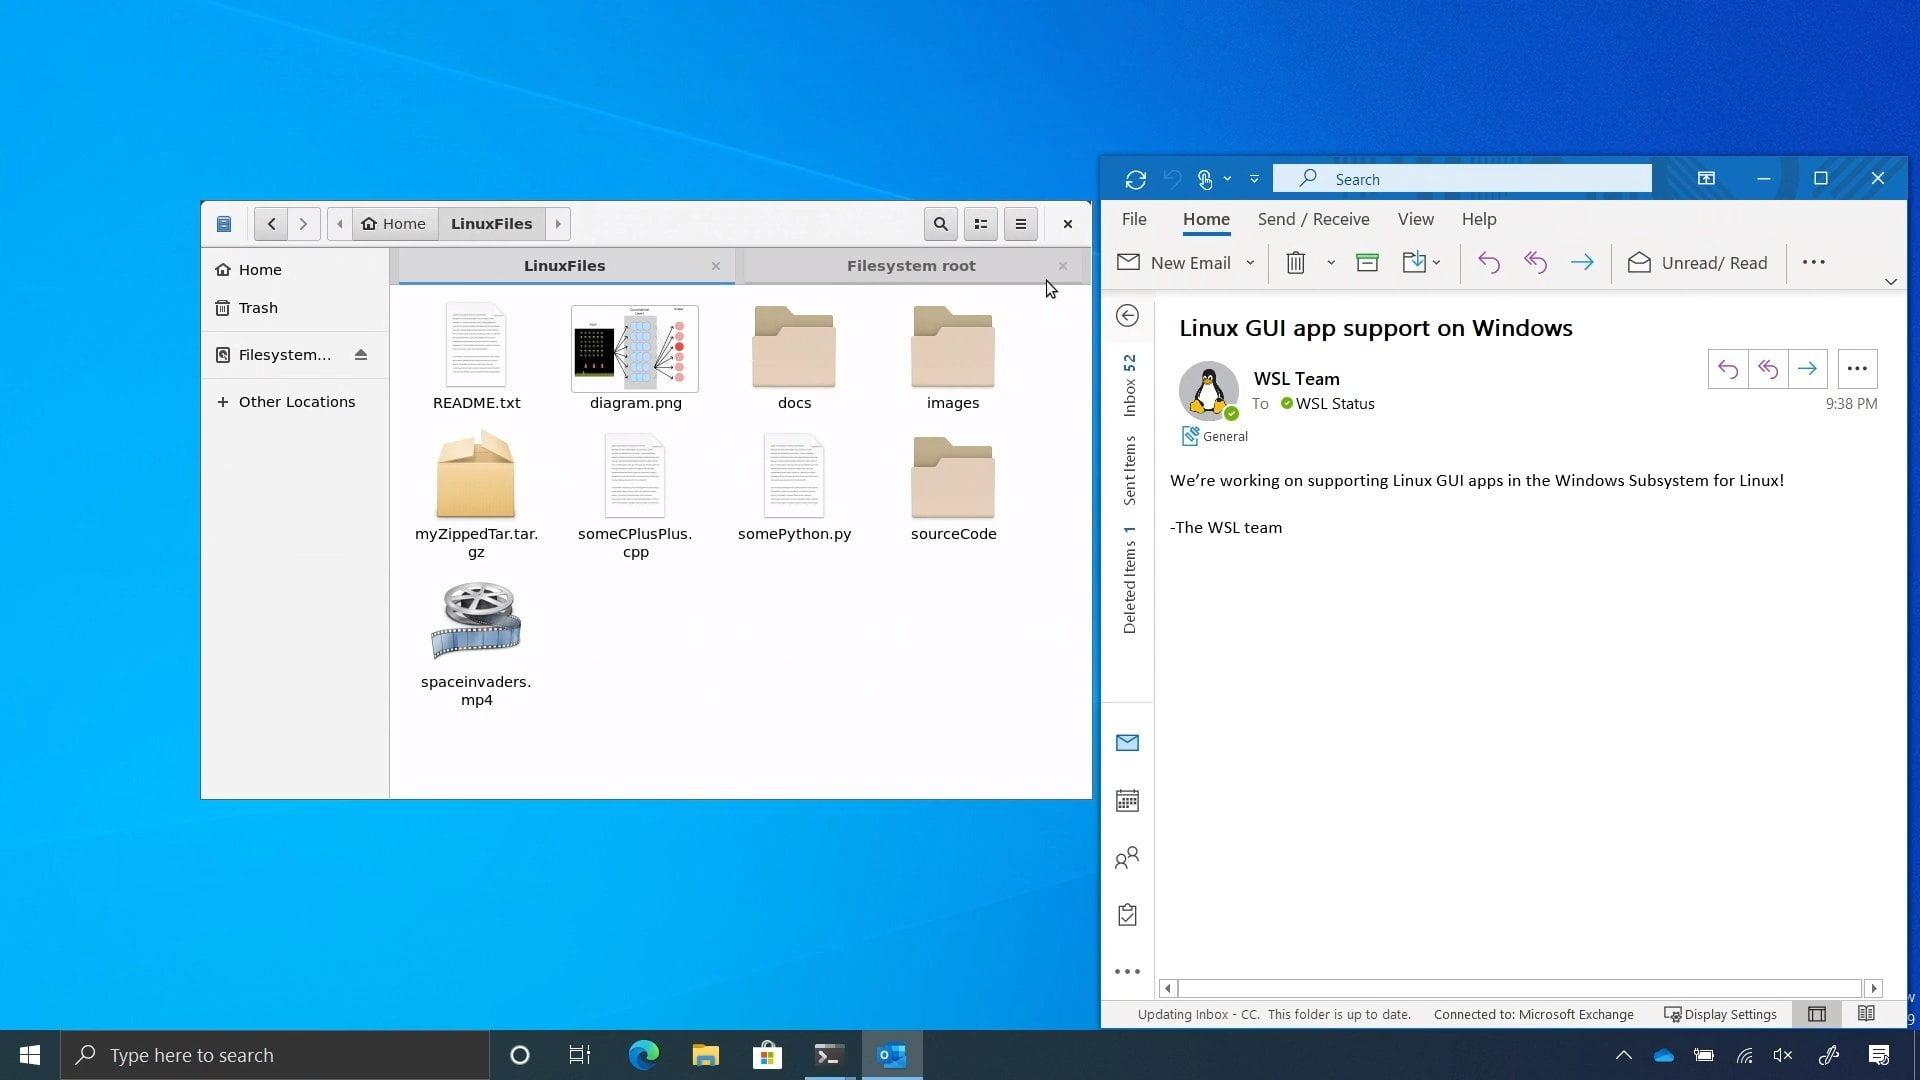 Aplicación gráfica de Linux funcionando de forma nativa en Windows 10